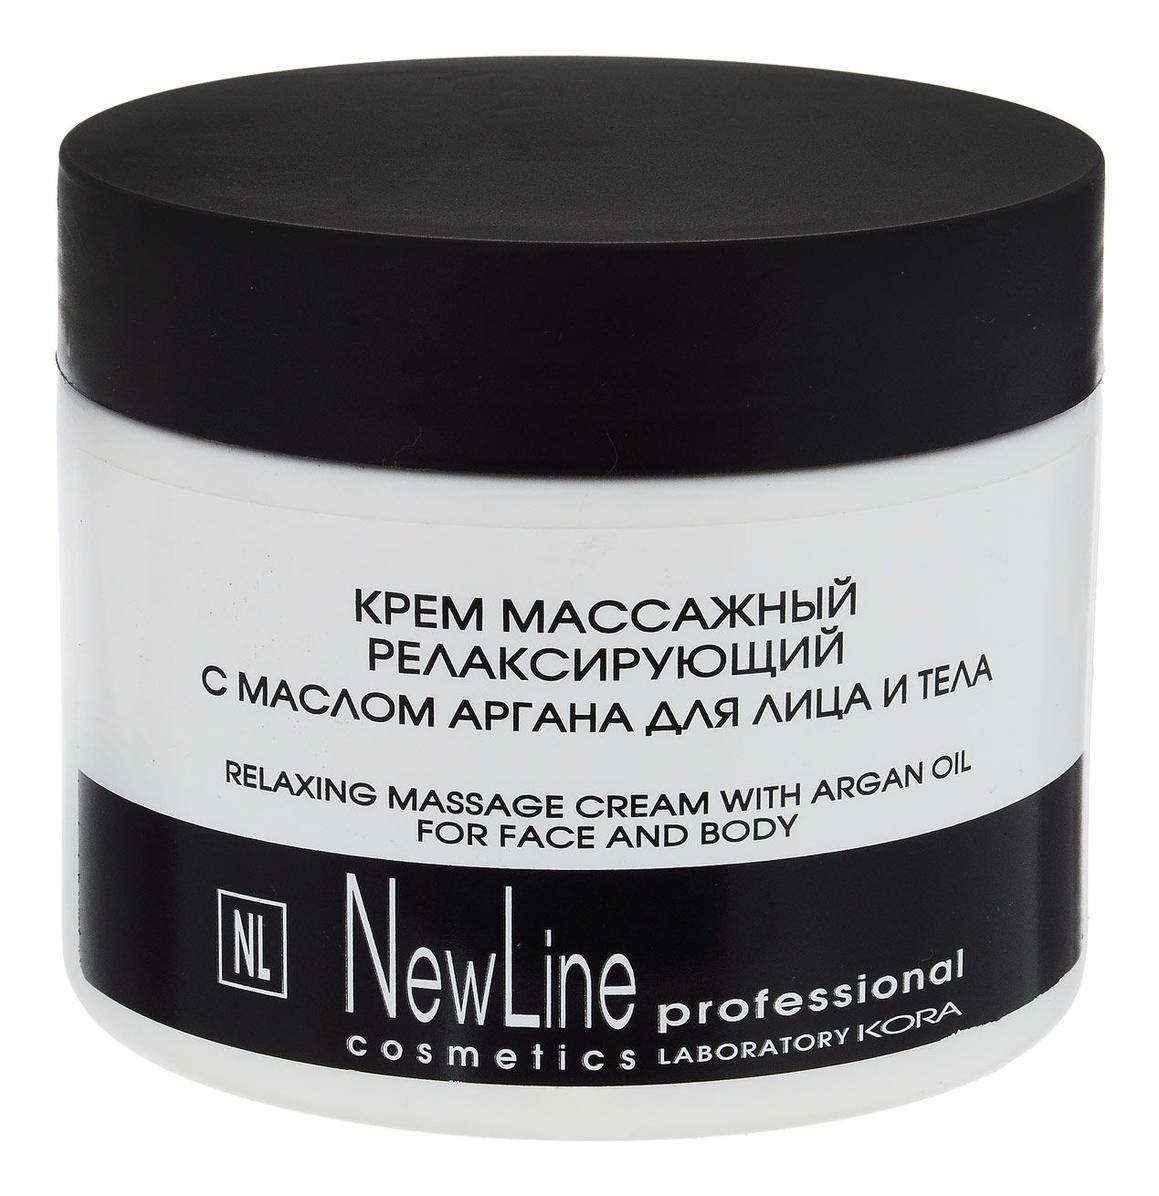 Крем массажный для лица и тела с маслом арганы Relaxing Massage Cream With Argan Oil For Face And Body 300мл крем для лица argan oil argan oil ar041lwsju89